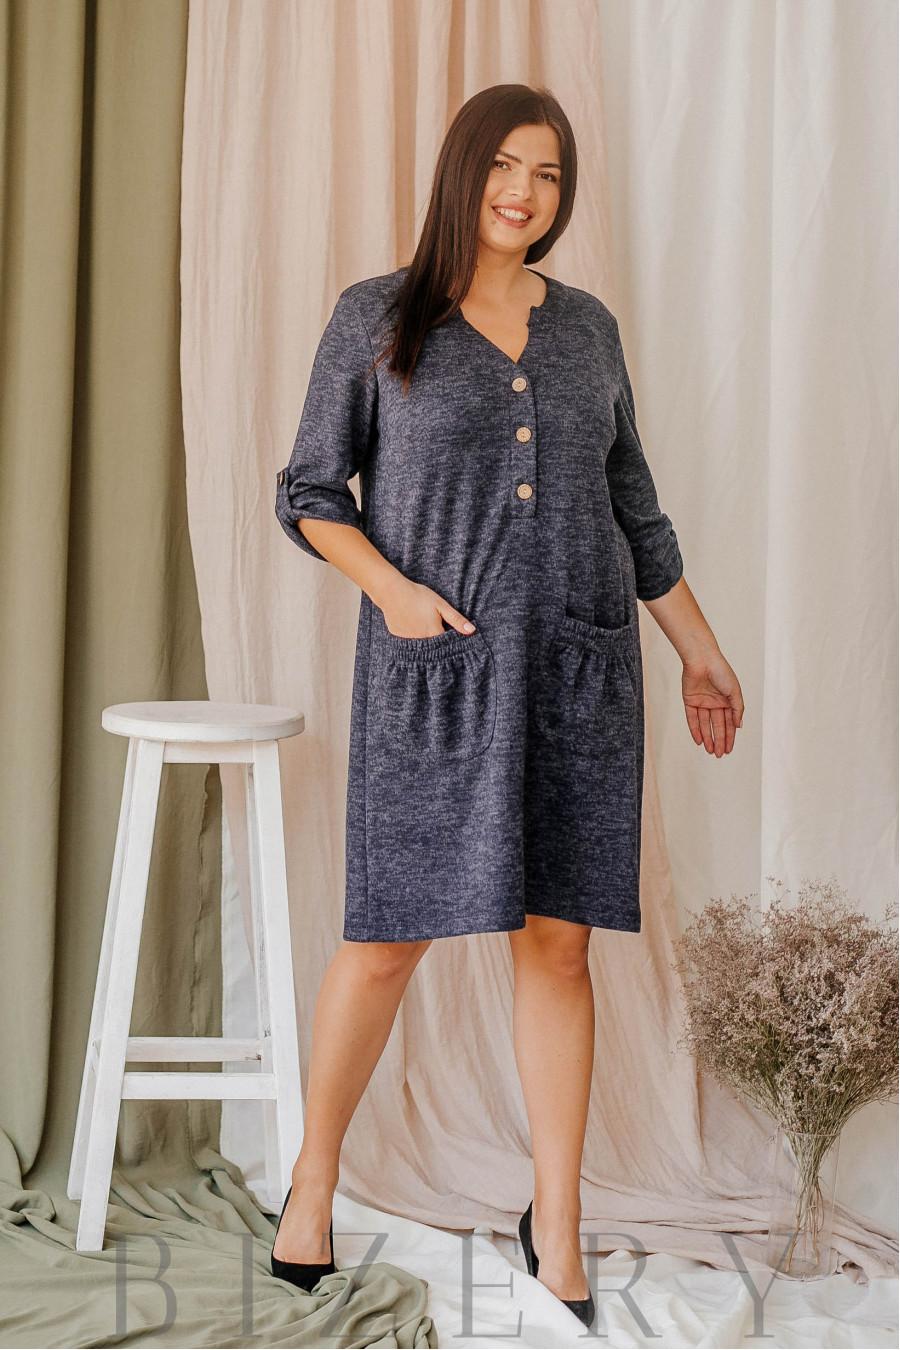 Платье демисезонное с накладными карманами из мягкой ангора-софт синее В350